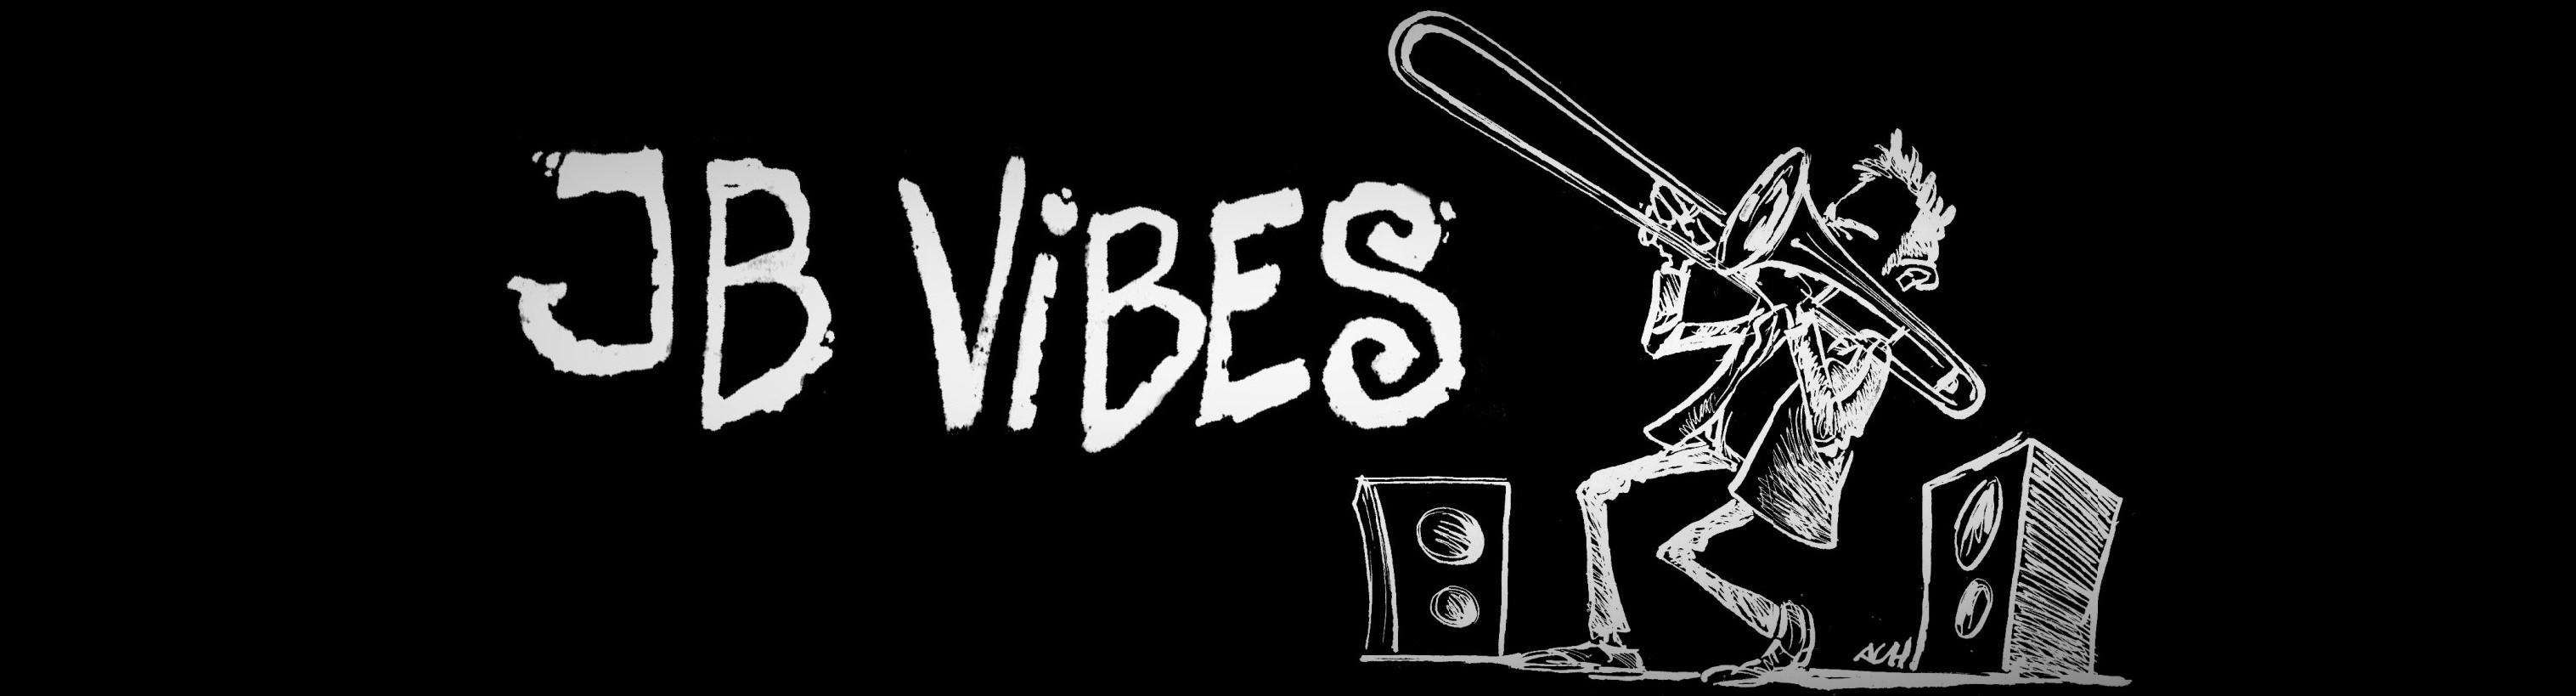 JB Vibes